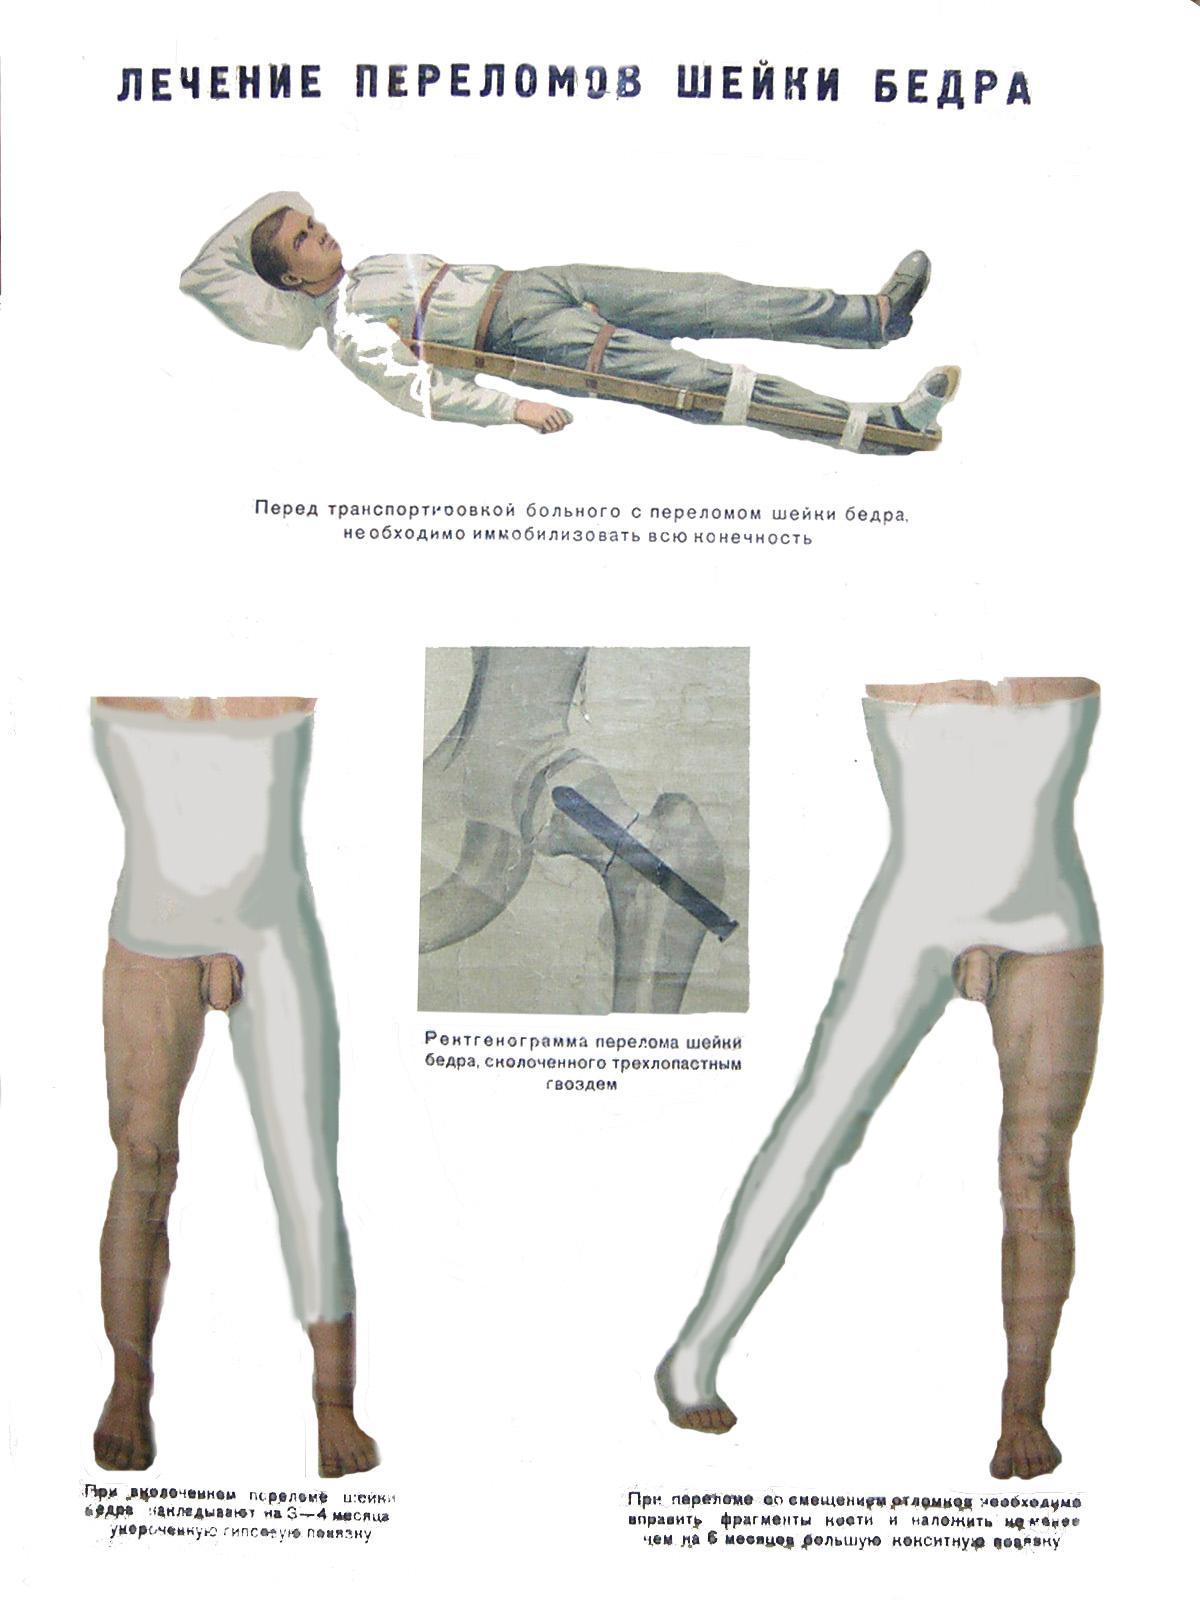 Первая помощь и лечение при переломе шейки бедра